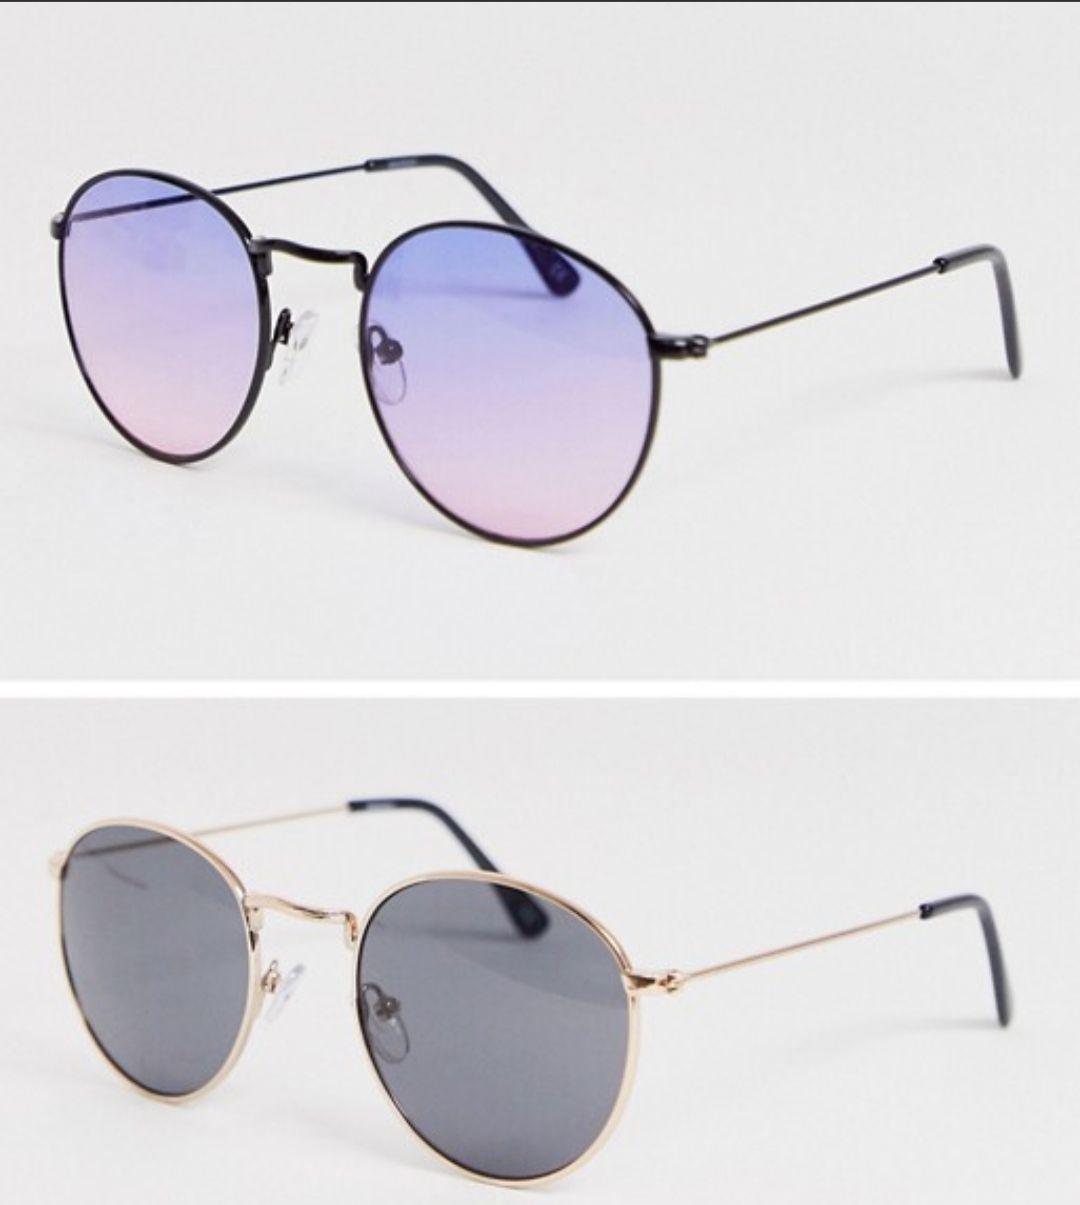 Lot de 2 paires de lunettes de soleil rondes avec montures dorées et verres violets dégradés